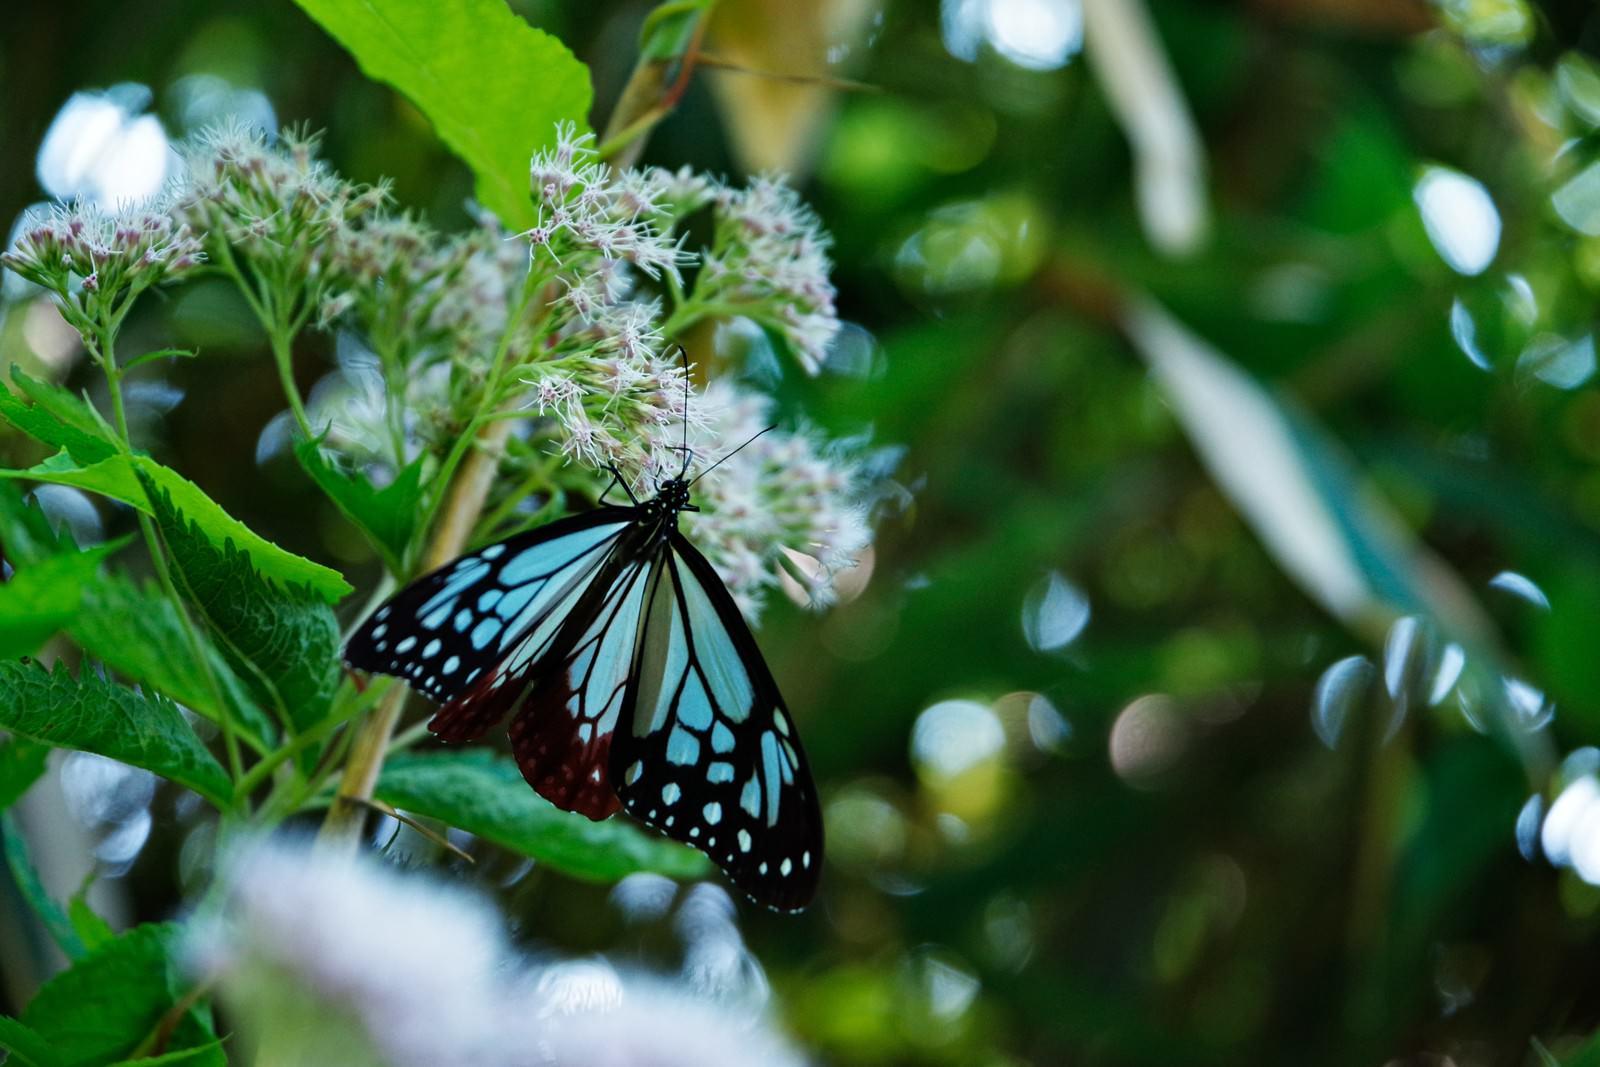 「蜜を吸うタイミングで撮ったアサギマダラ(蝶)」の写真